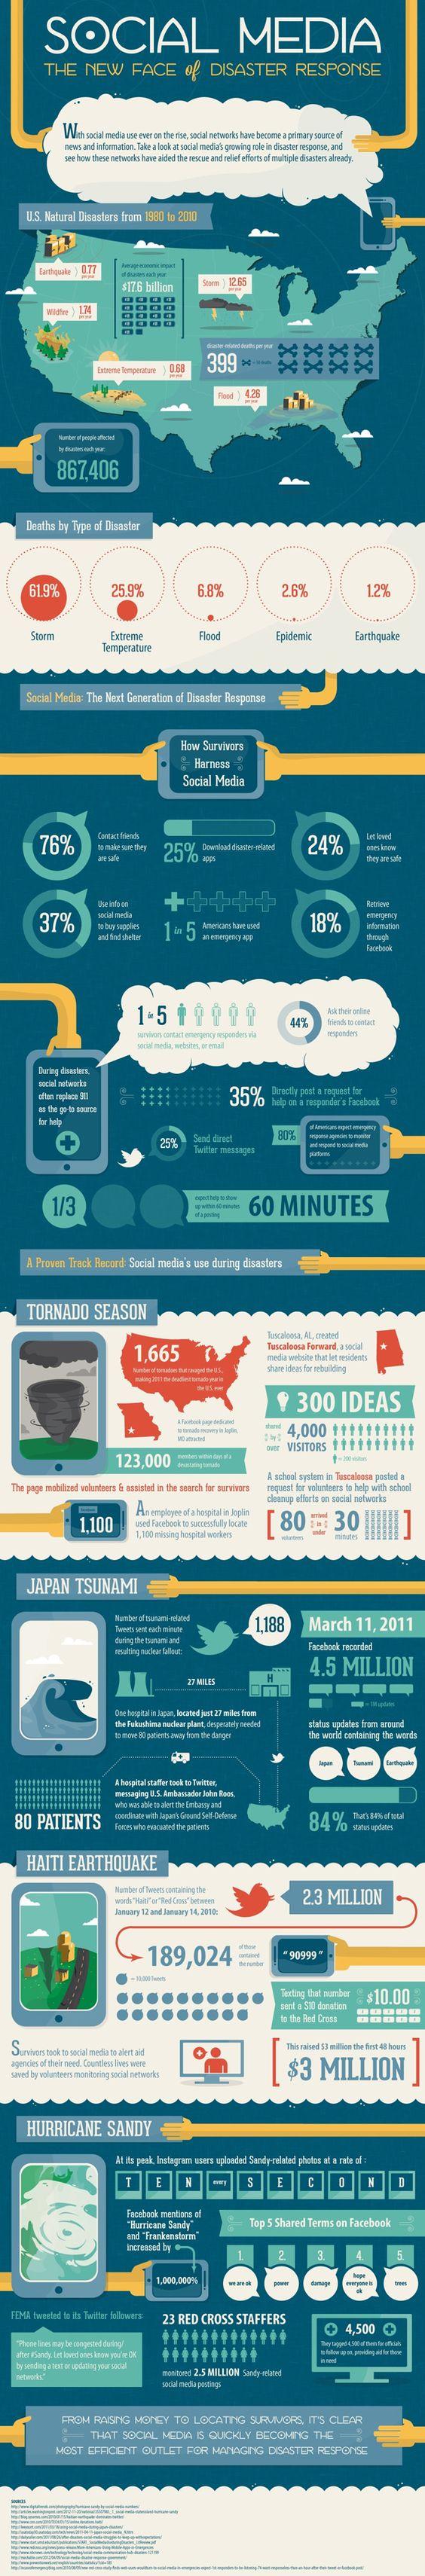 Uso de las redes sociales para la actuación frente a desastres naturales.